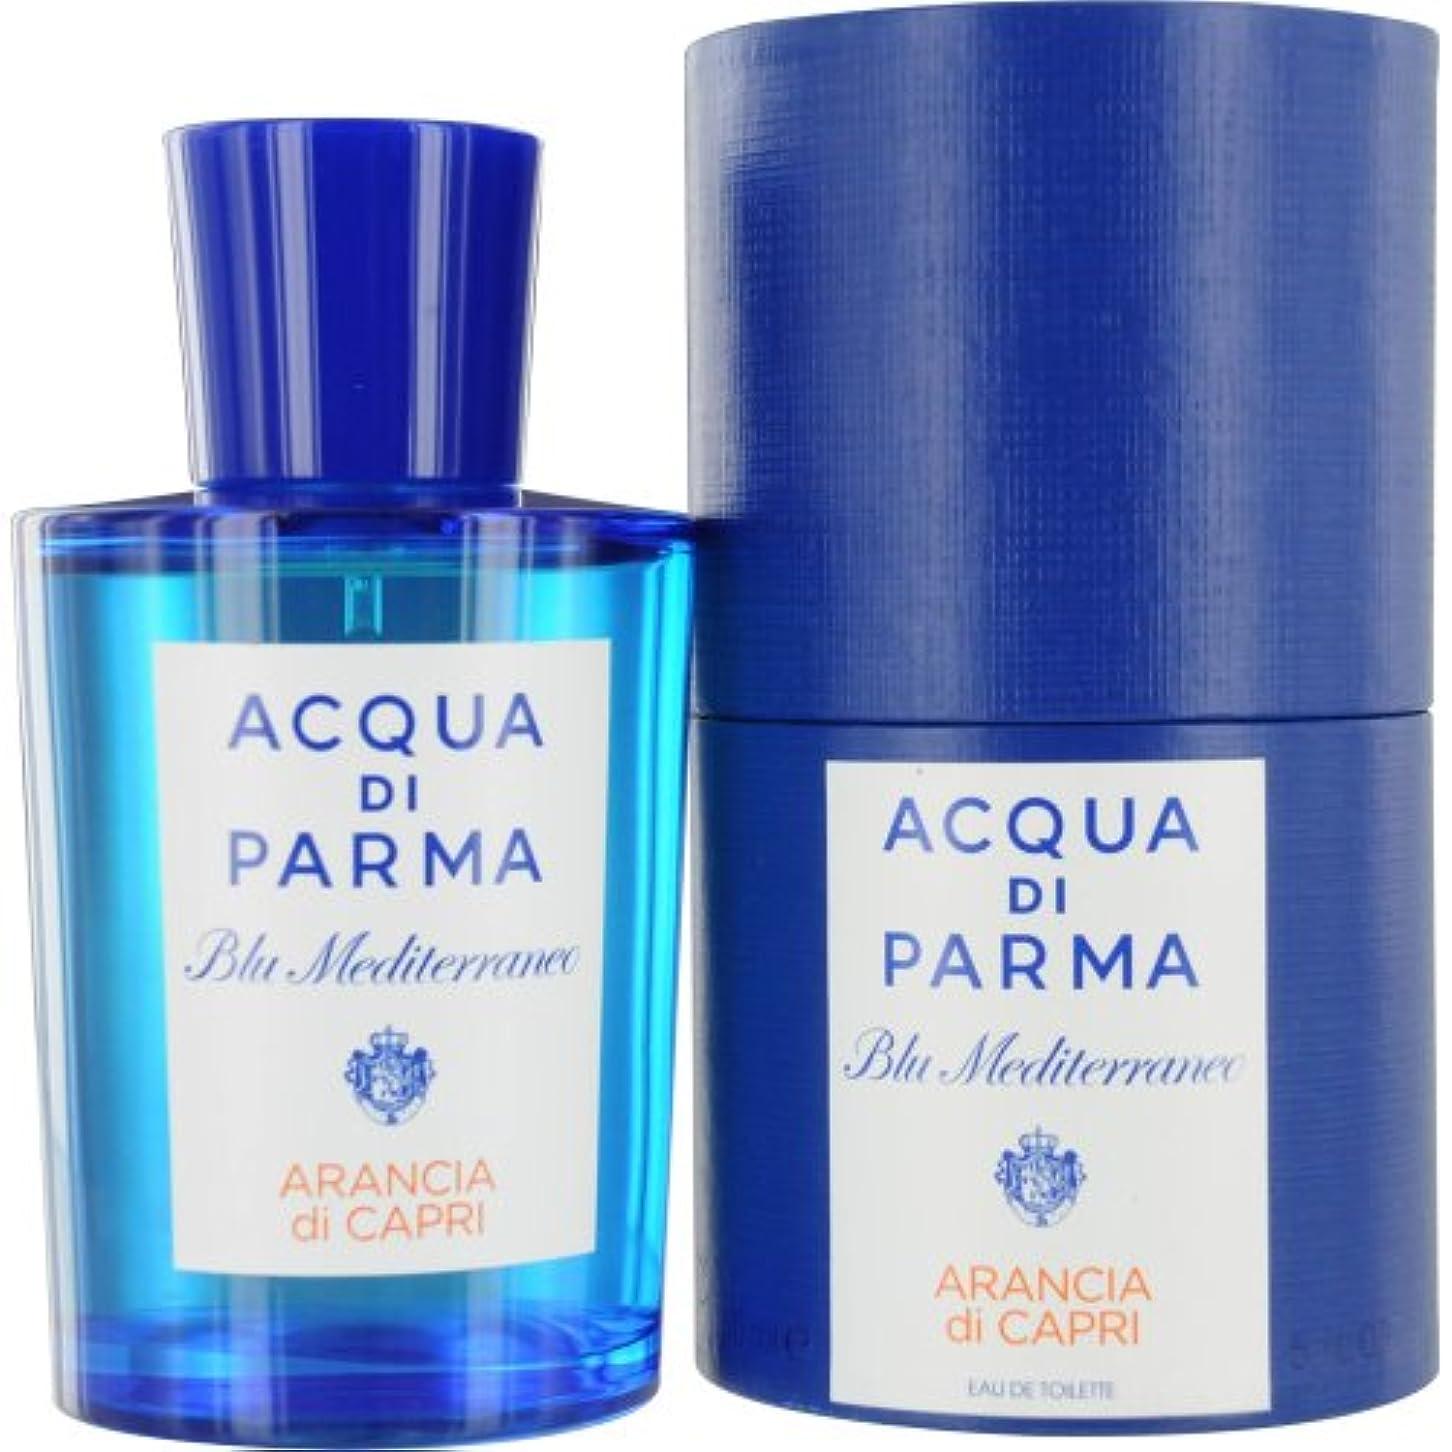 哲学ポール肝Acqua Di Parma - パルマACQUA DI CAPRI B.M ARANCIA 150V - 【並行輸入品】